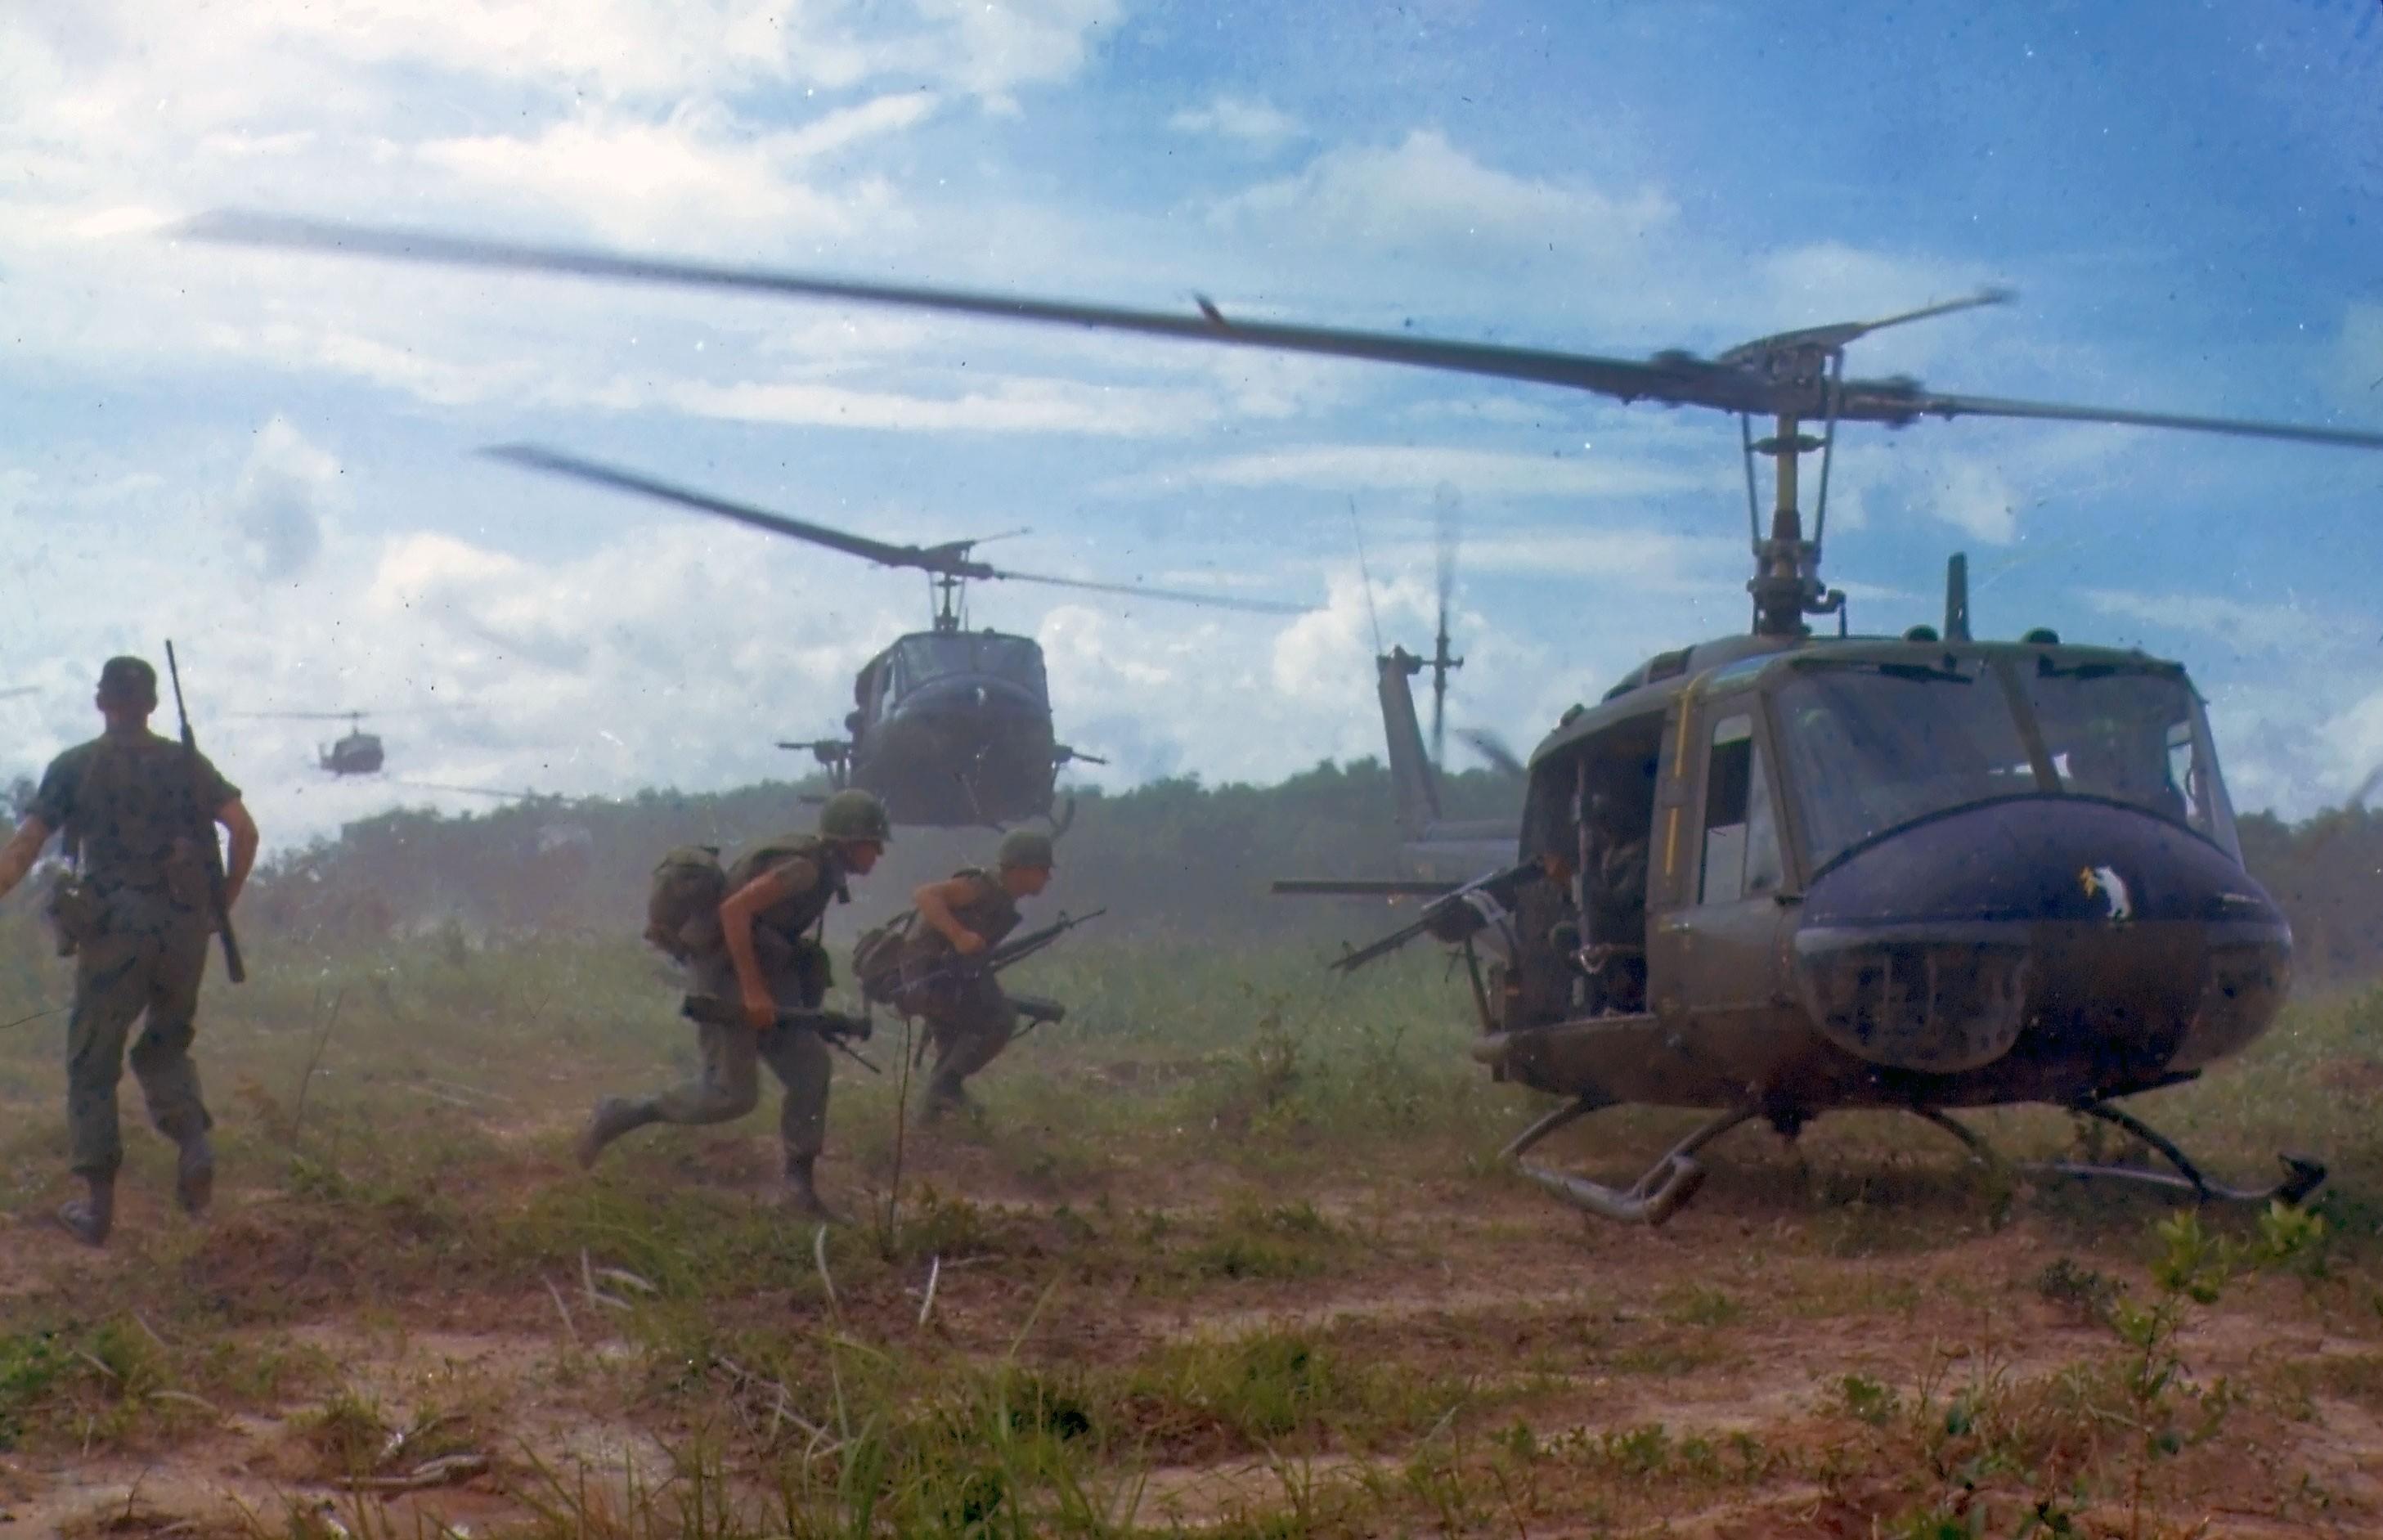 Vietnam War Wallpaper 50 images 2914x1883